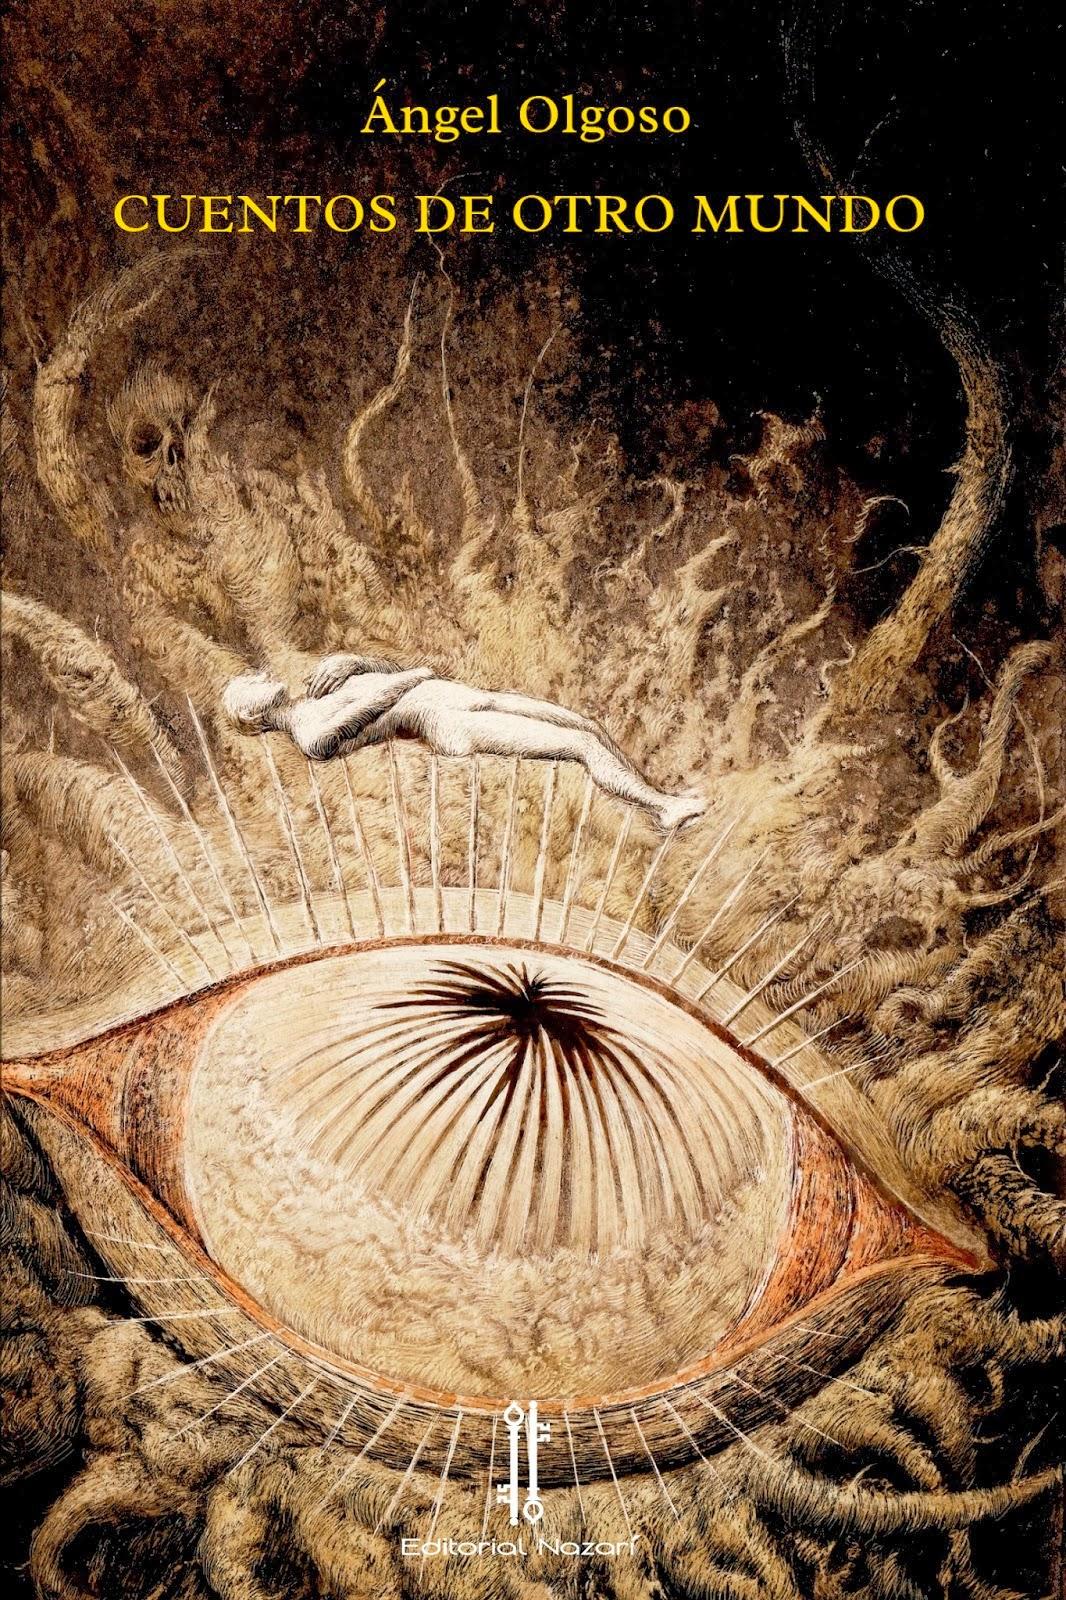 Cuentos de otro mundo 193 ngel olgoso el sal 243 n del libro